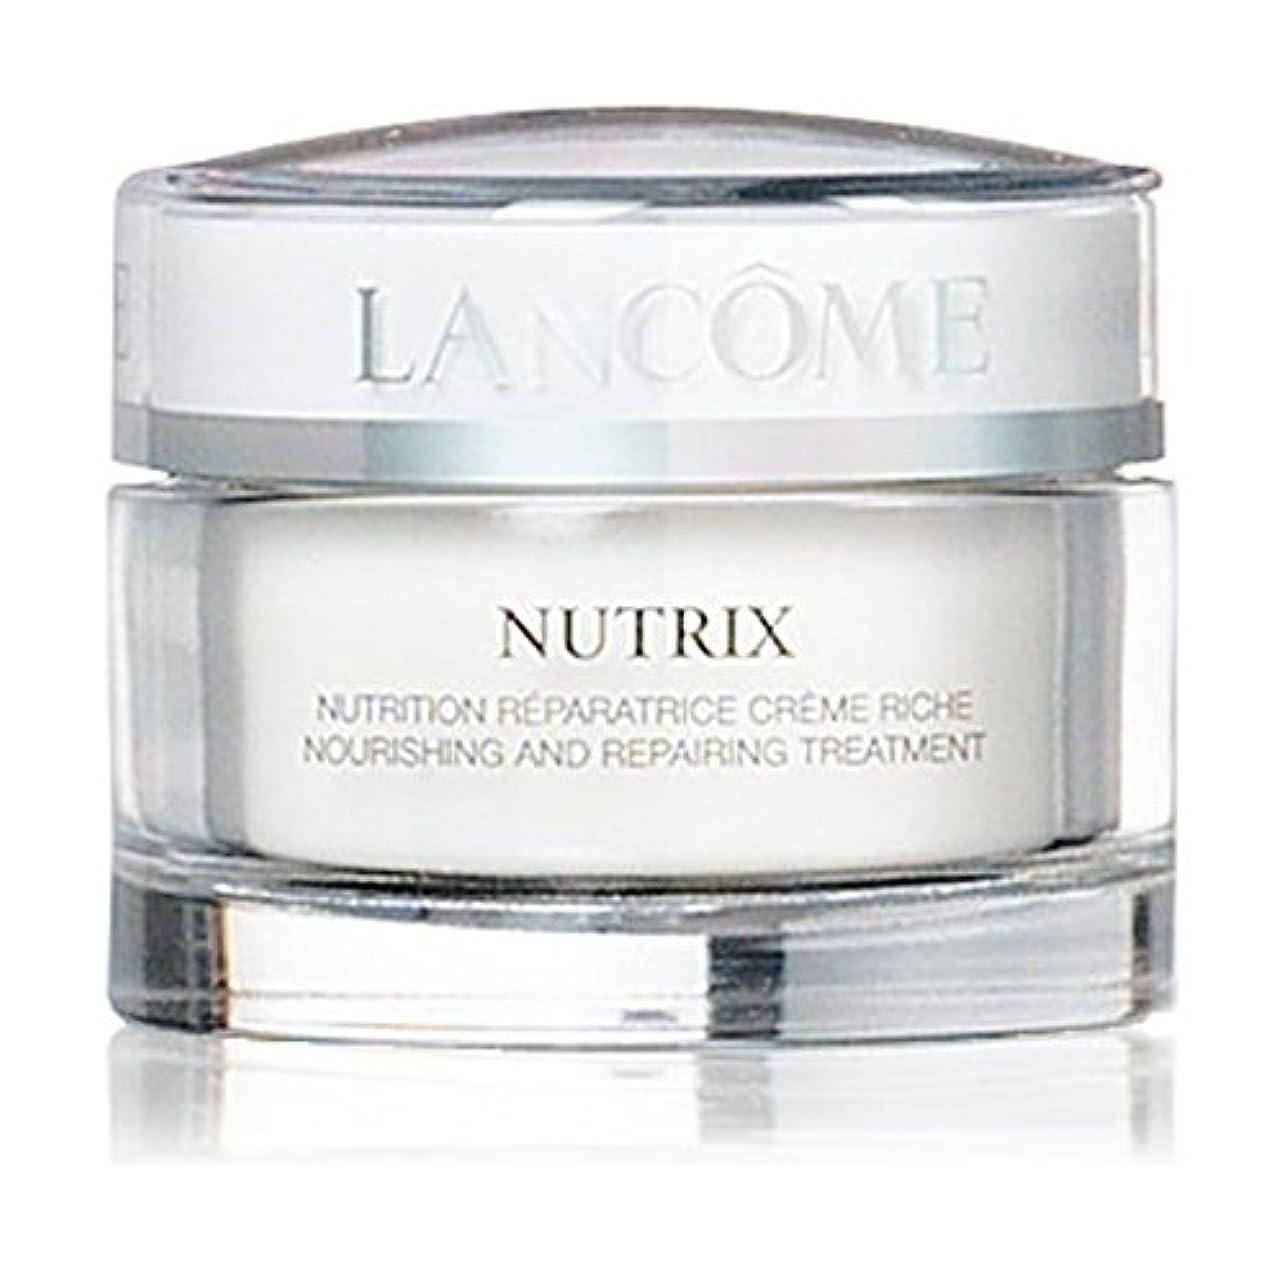 メール宇宙扱うランコム Nutrix Nourishing And Repairing Treatment Rich Cream - For Very Dry, Sensitive Or Irritated Skin 50ml/1.7oz並行輸入品